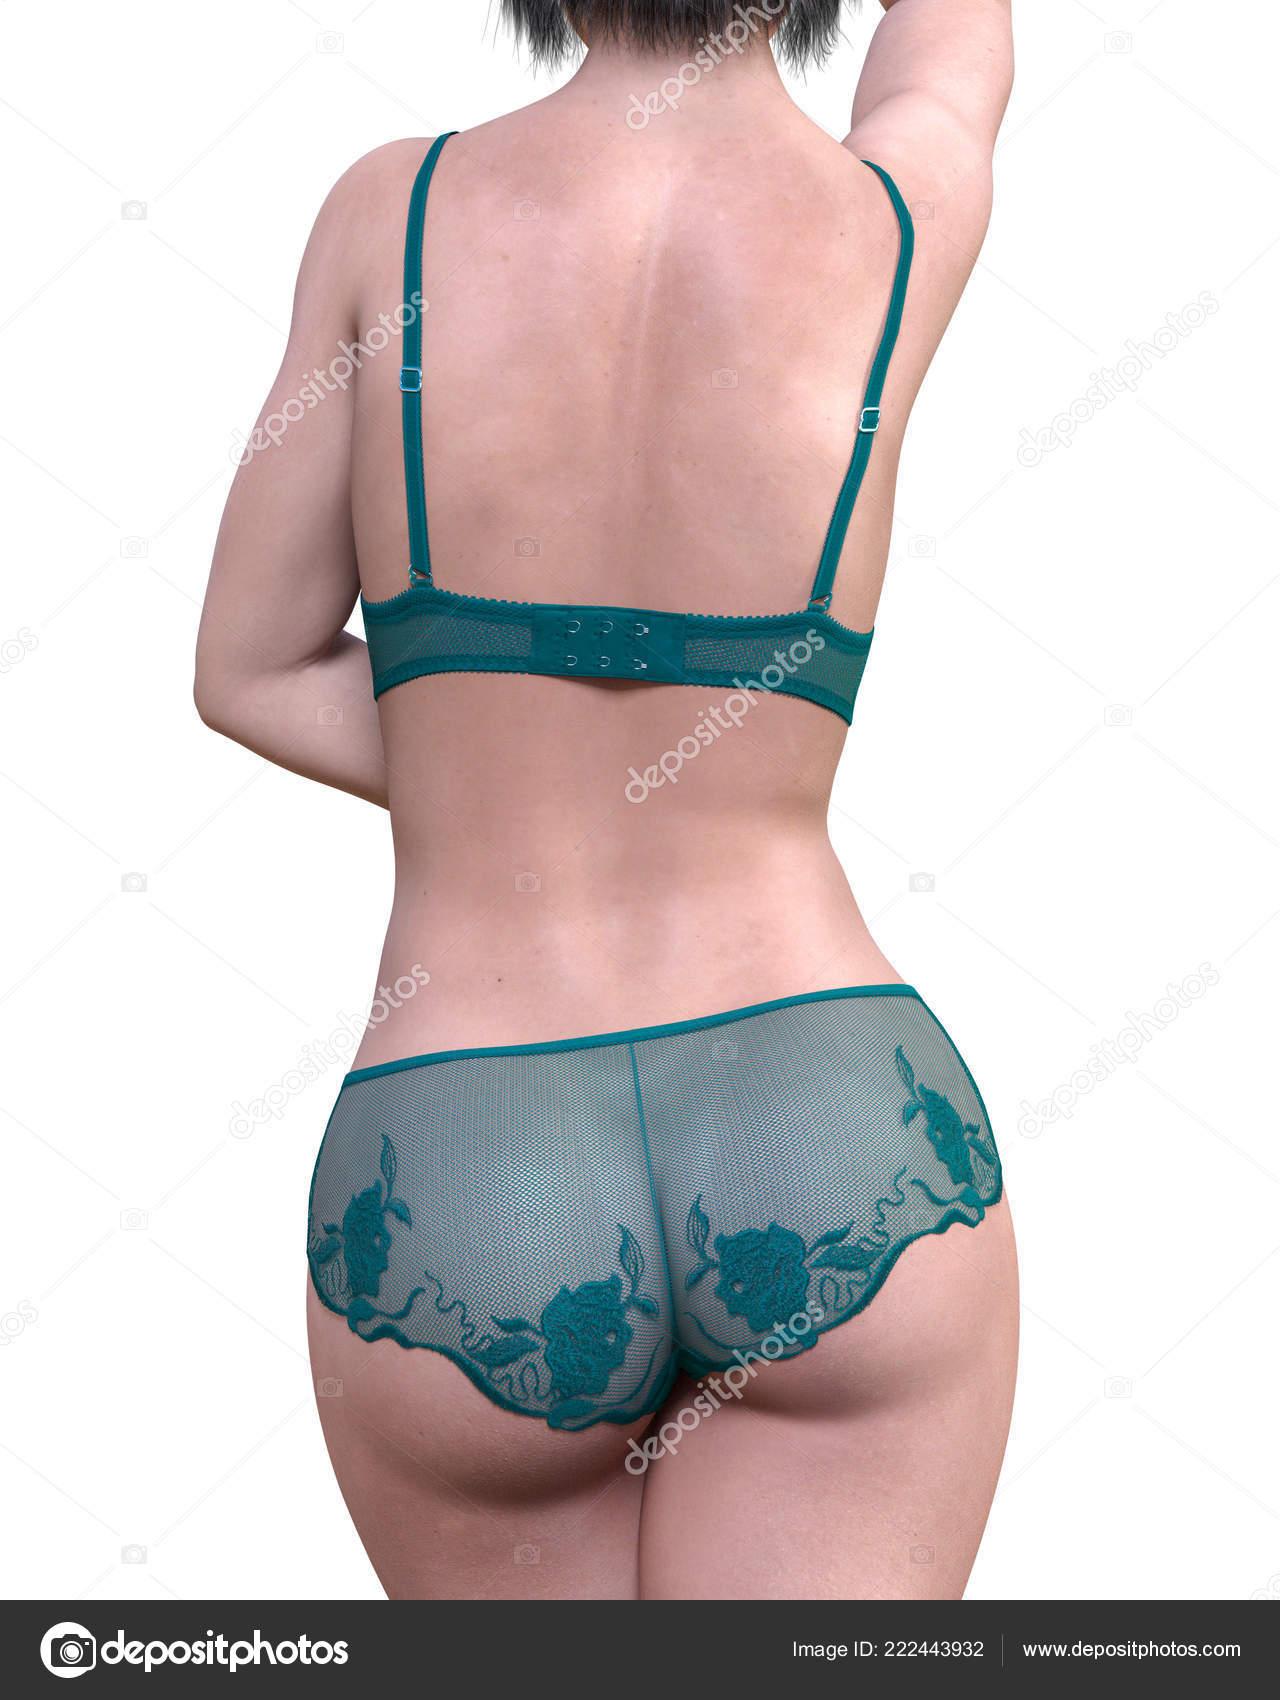 d41dfce0aa6 Jeune fille en sous-vêtements de dentelle vert. Culotte transparente et  soutien-gorge. Art de la mode extravagante. Femme debout candid  provocatrice pose ...